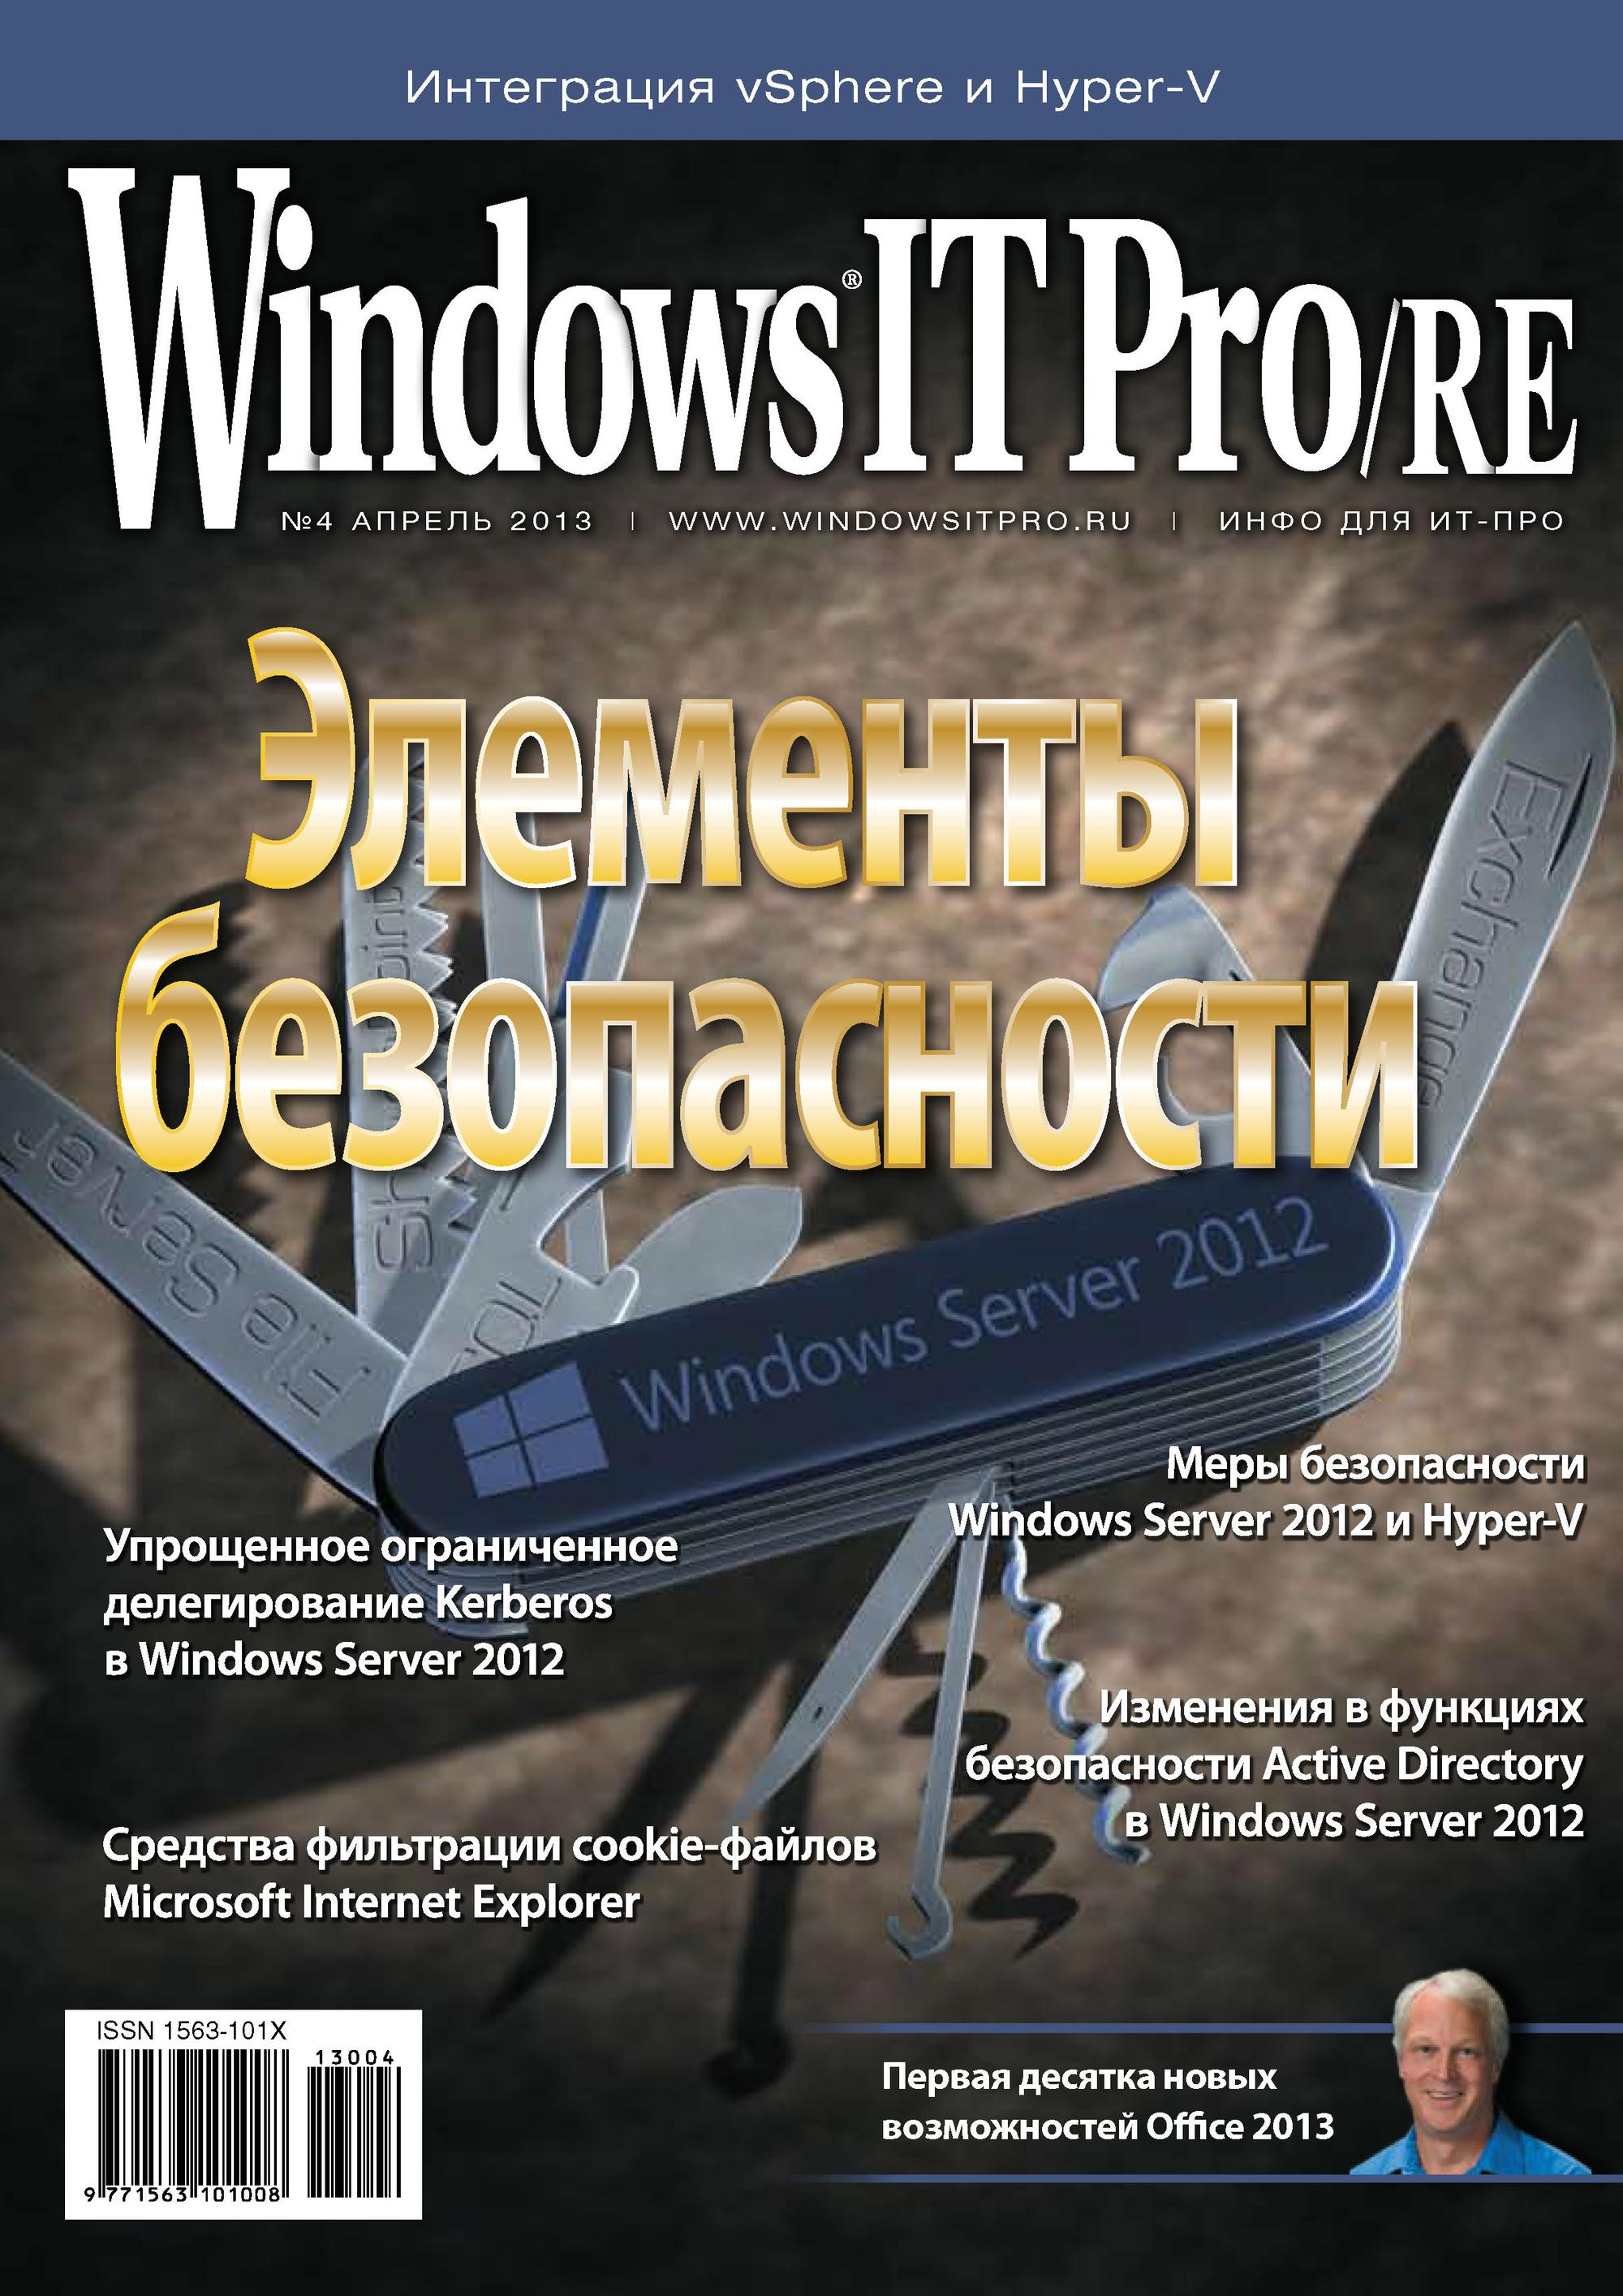 Windows IT Pro/RE№04/2013